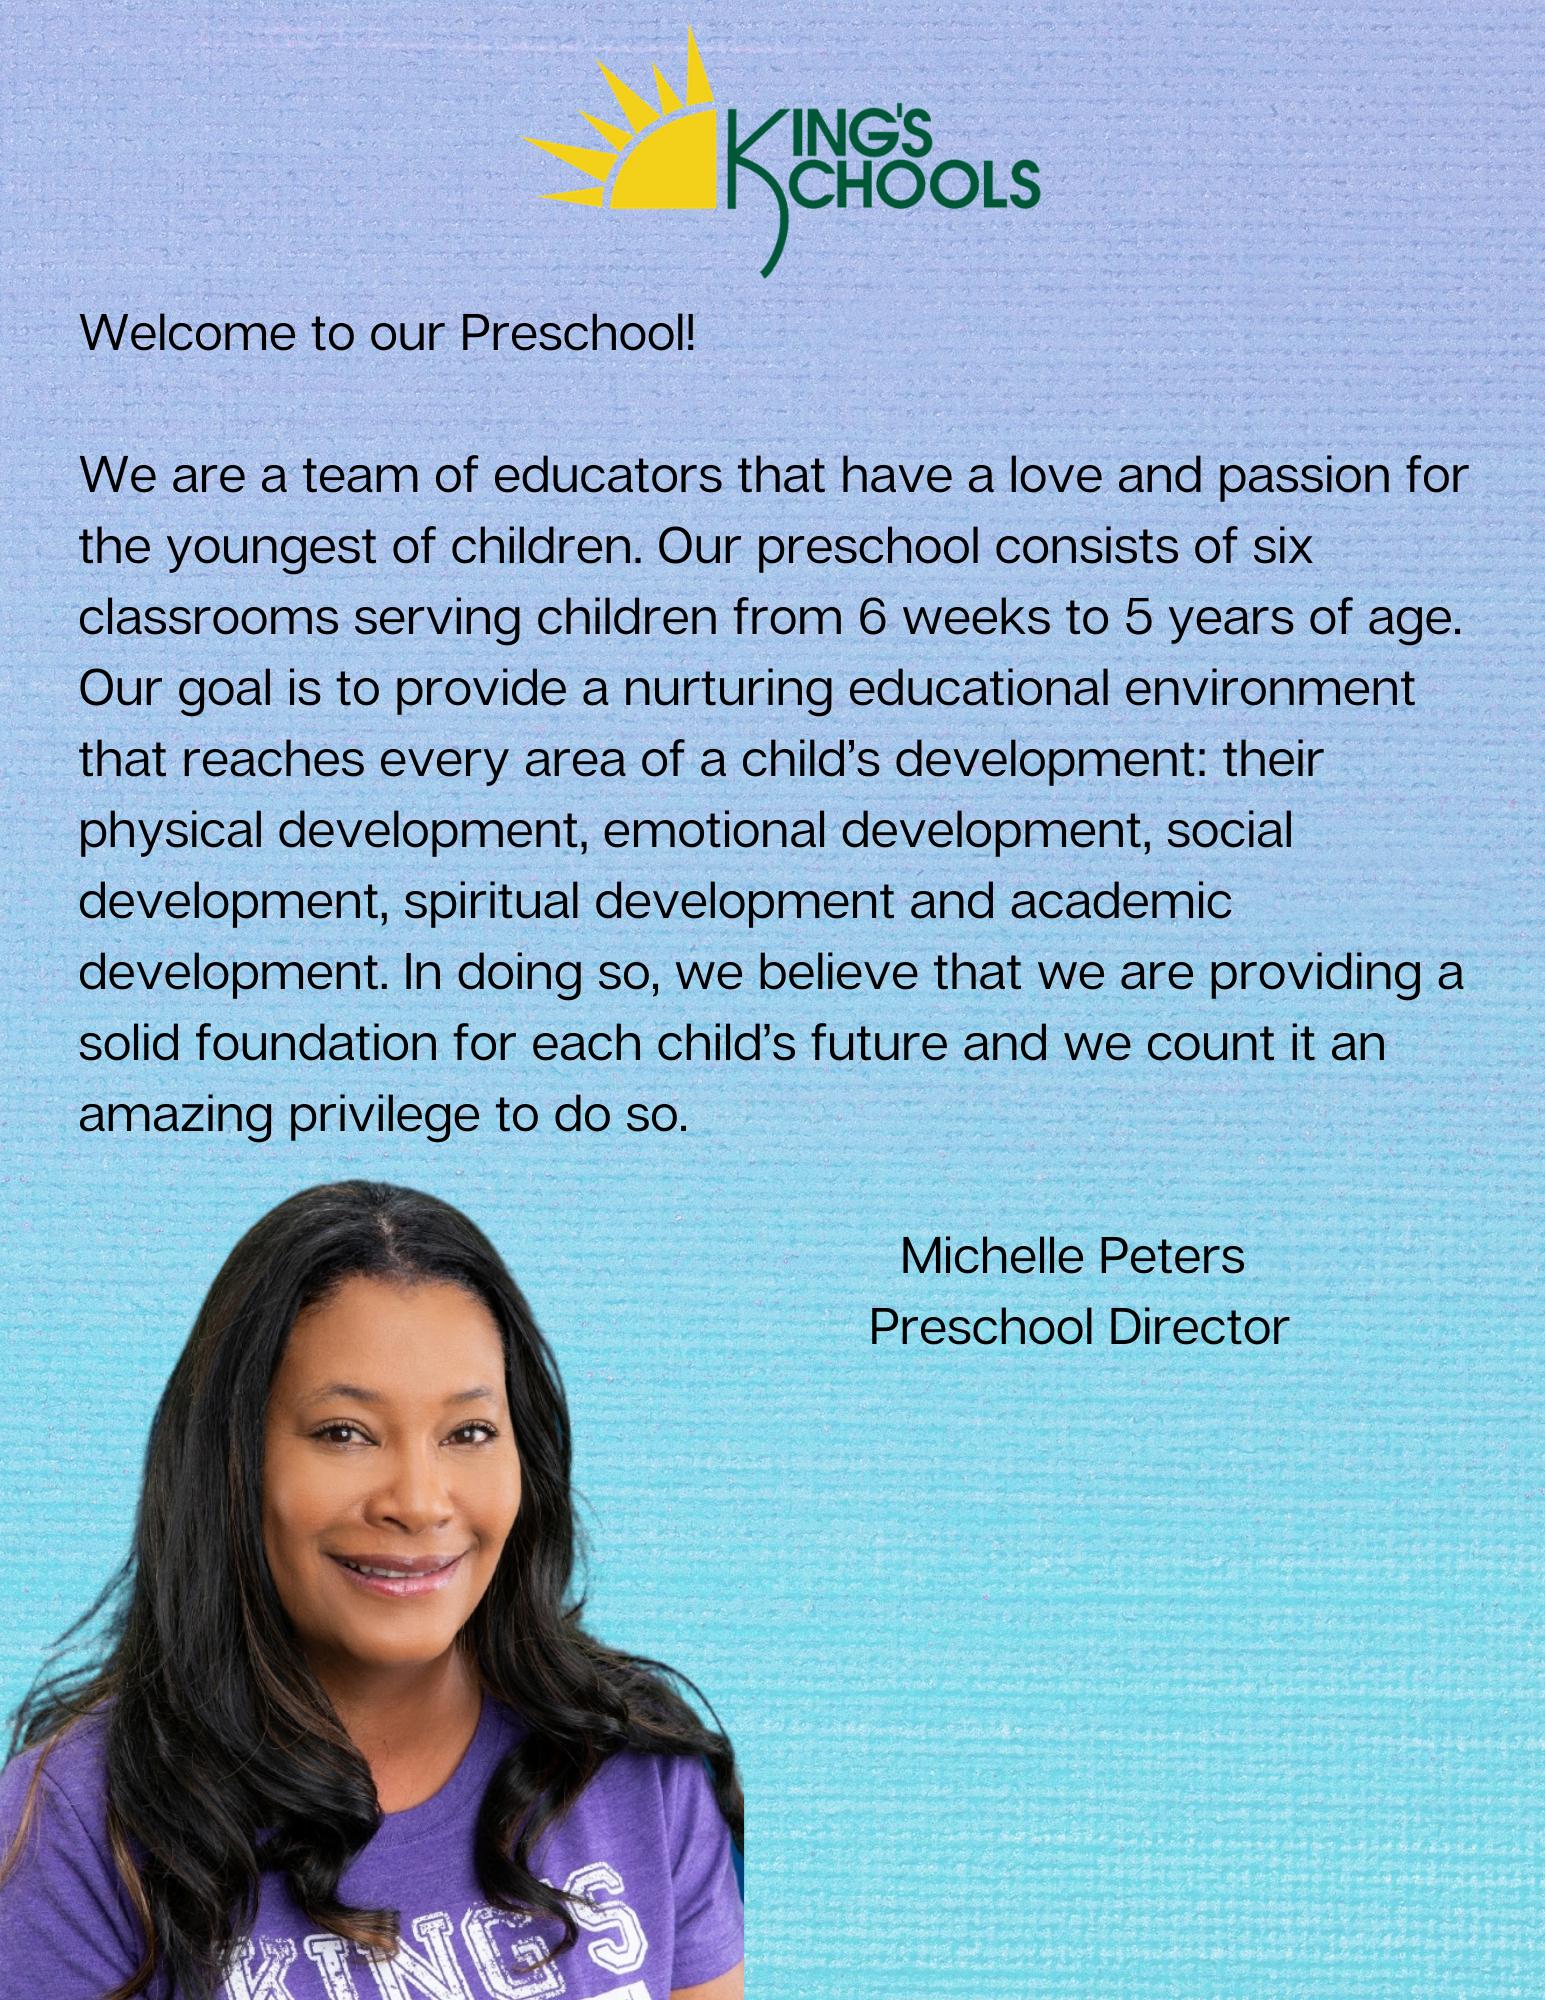 About Preschool